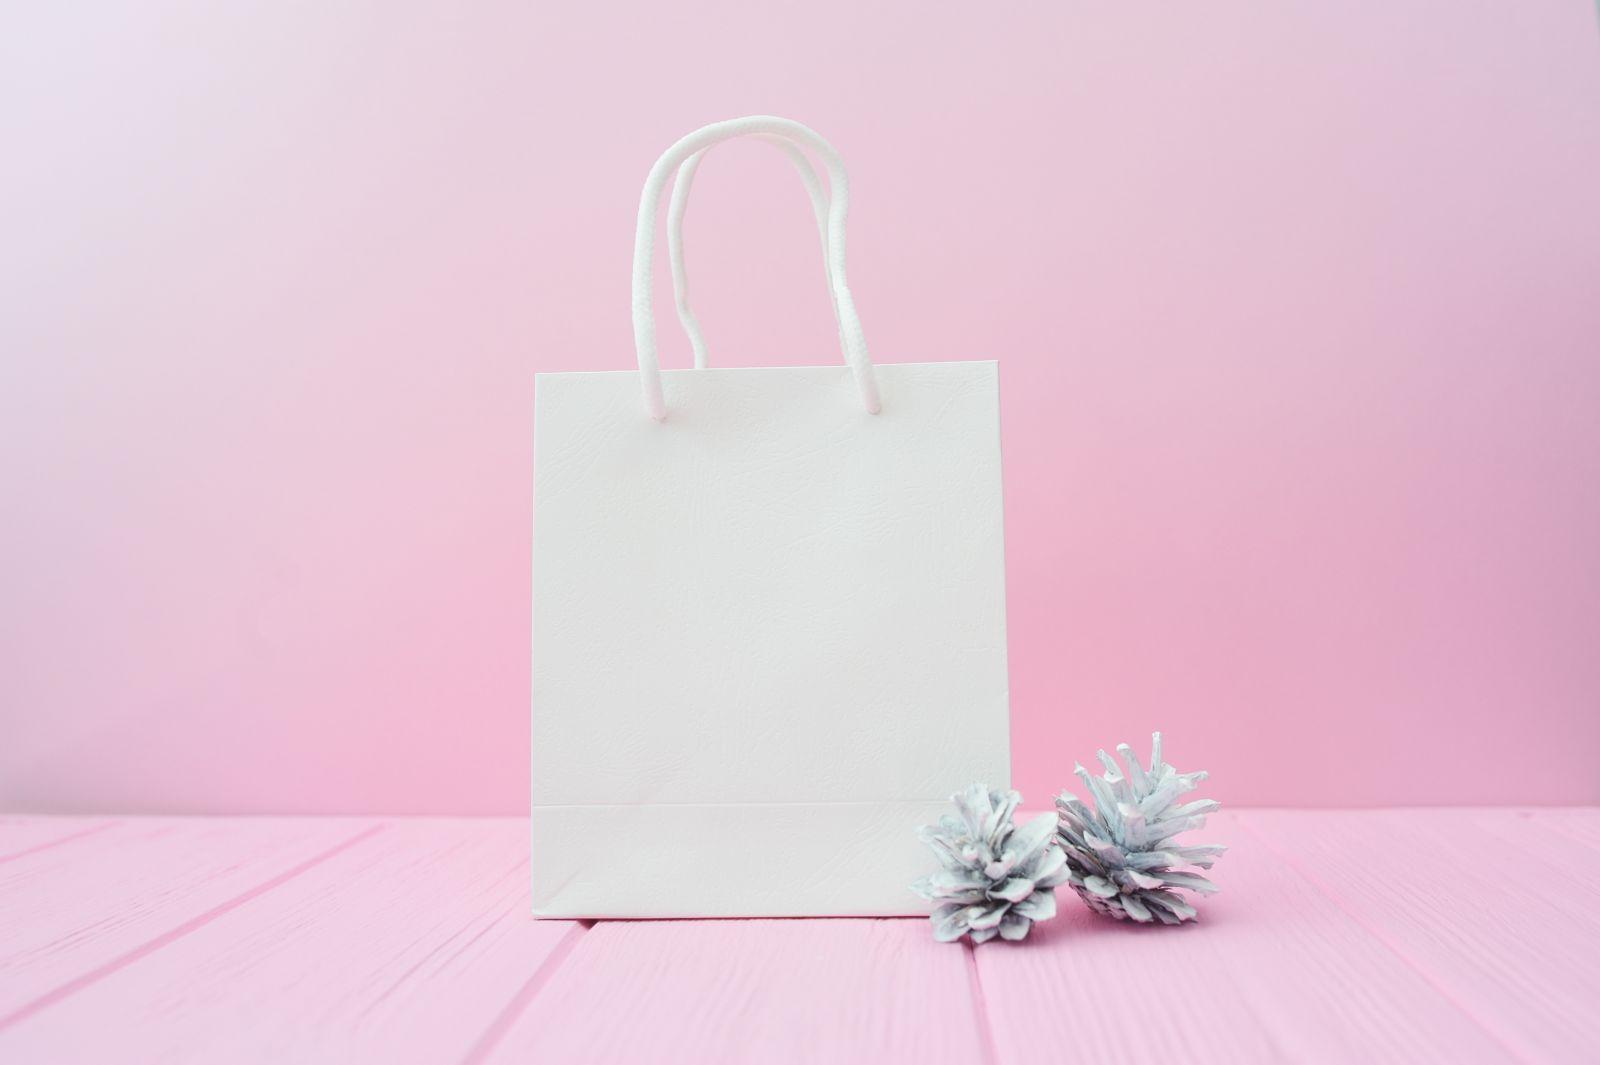 Mua túi giấy kraft trắng số lượng ít ở Xưởng in 2T